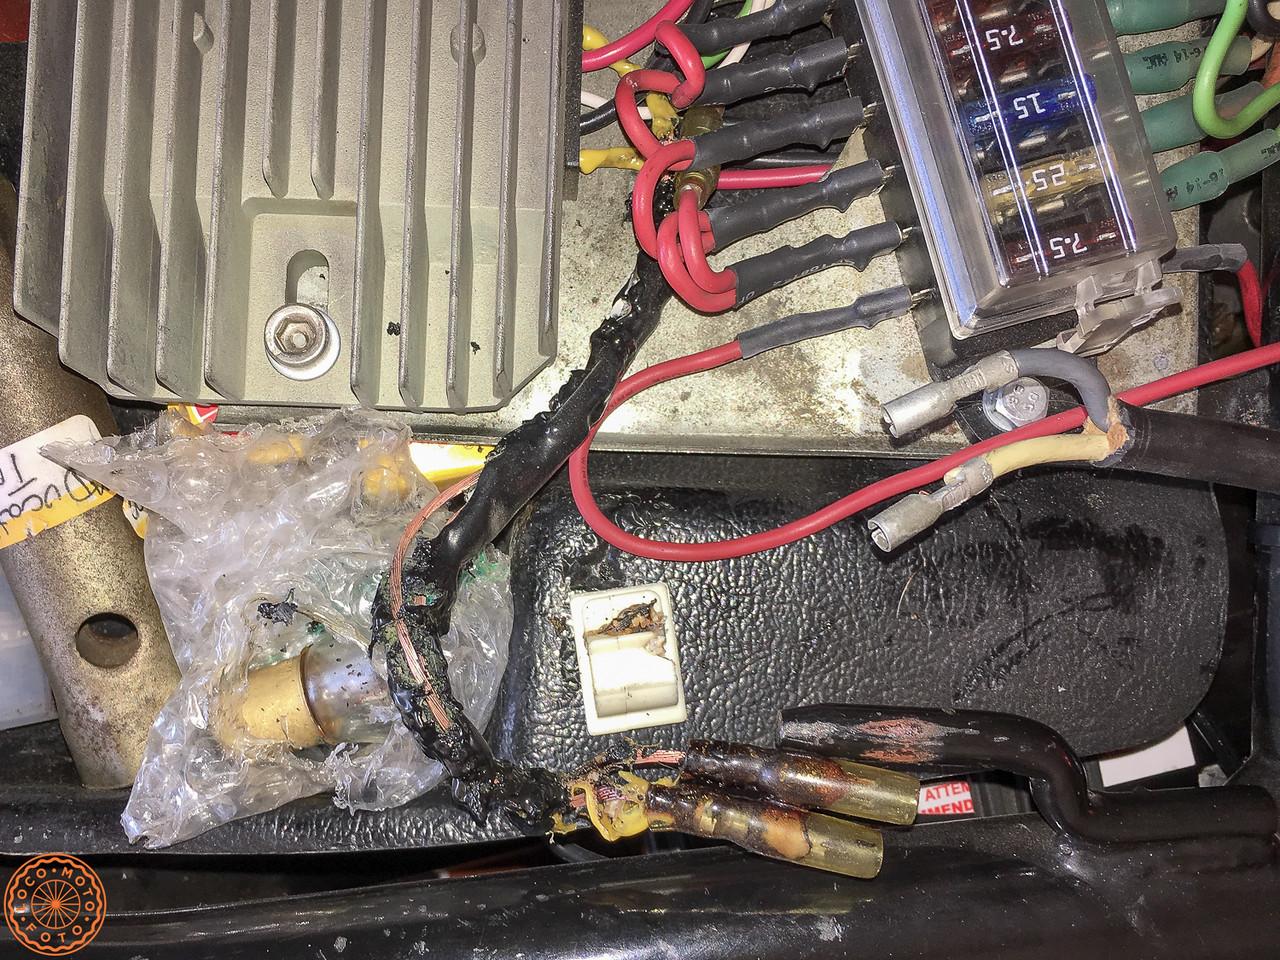 Fried voltage regulator leads